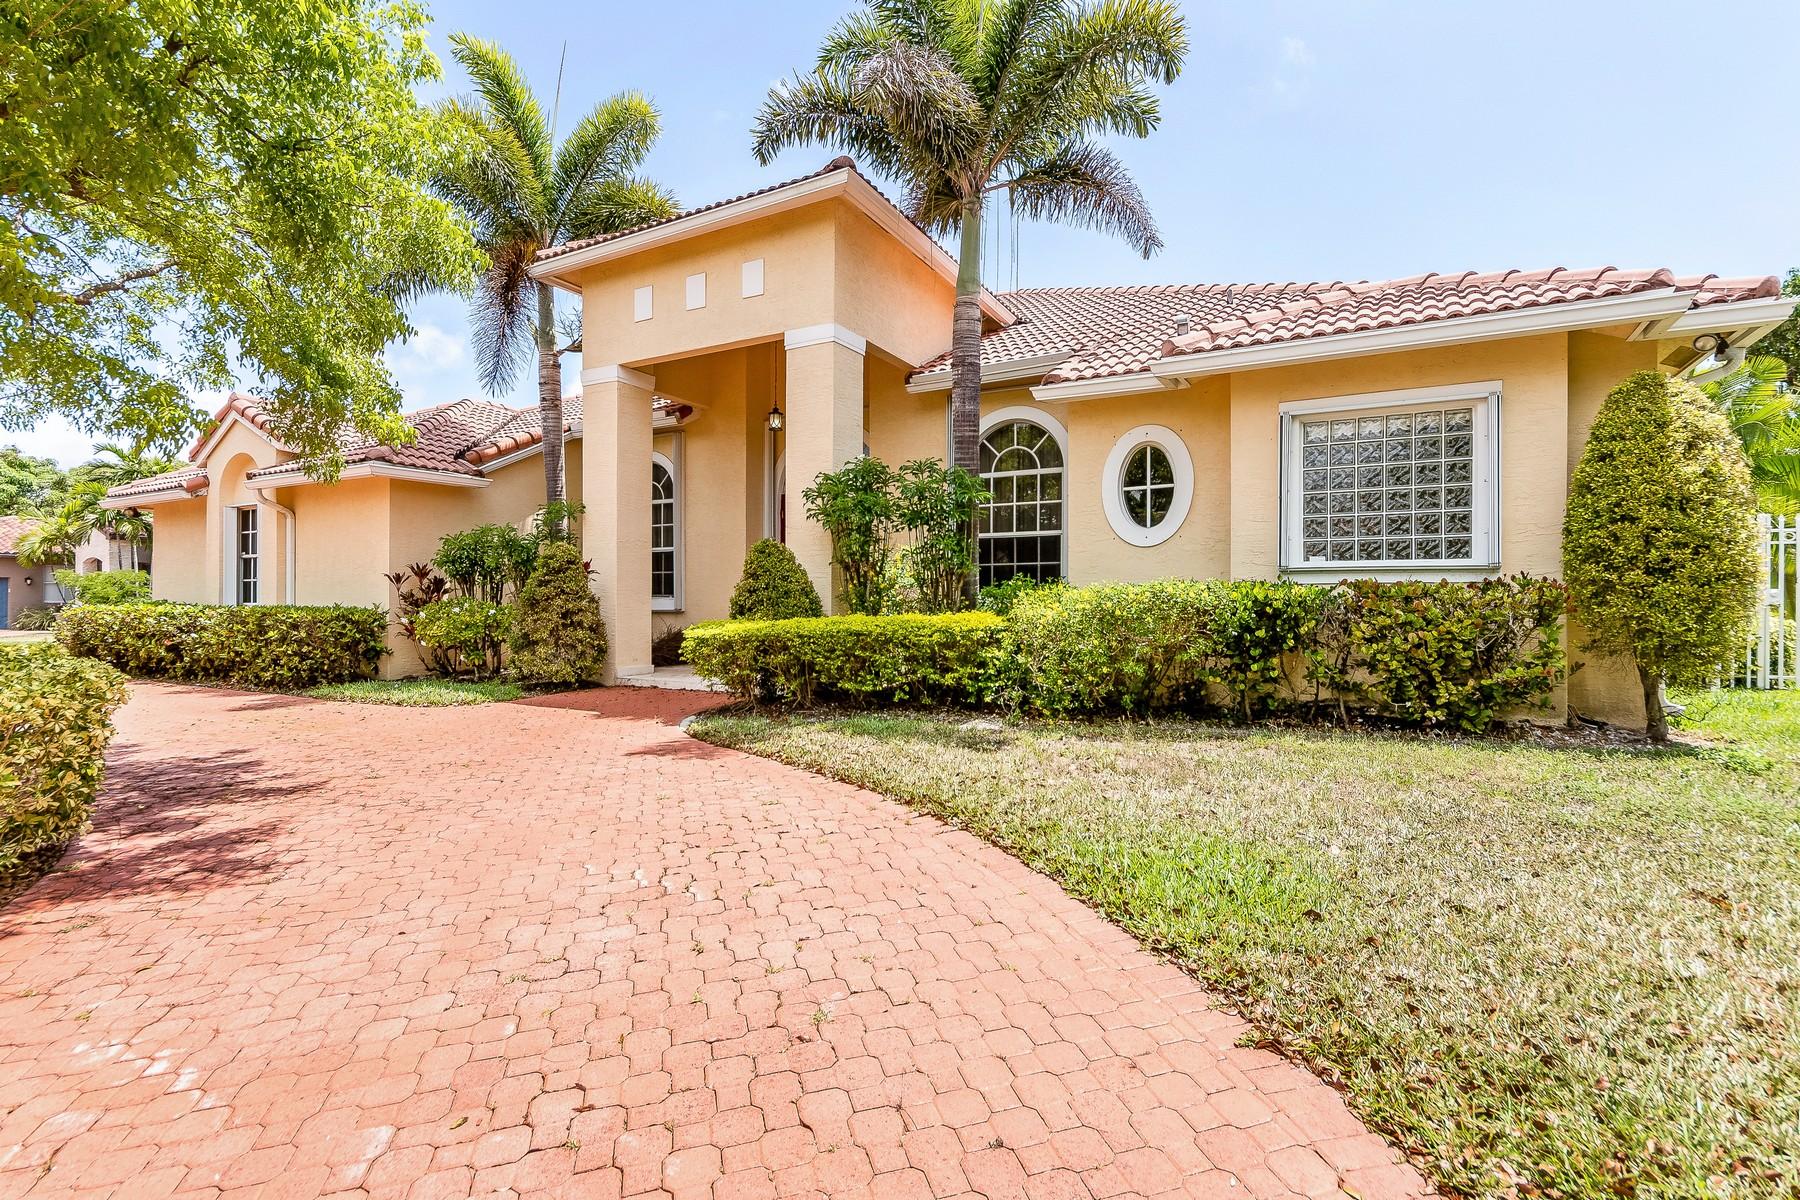 Einfamilienhaus für Verkauf beim 17135 Sw 81st Ct Palmetto Bay, Florida, 33157 Vereinigte Staaten